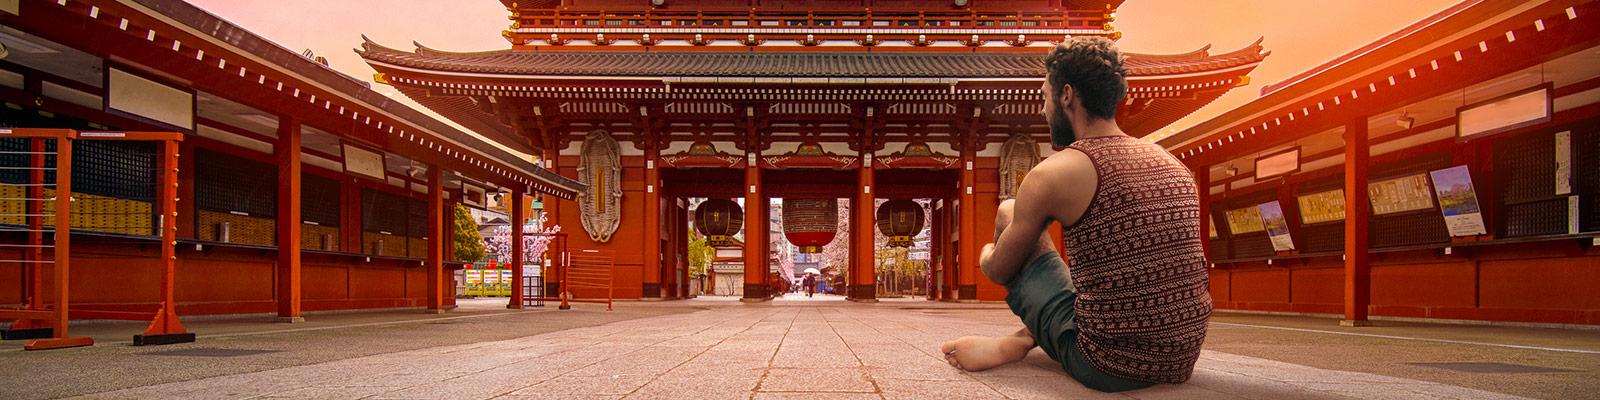 viaje organizado japon el corte ingles